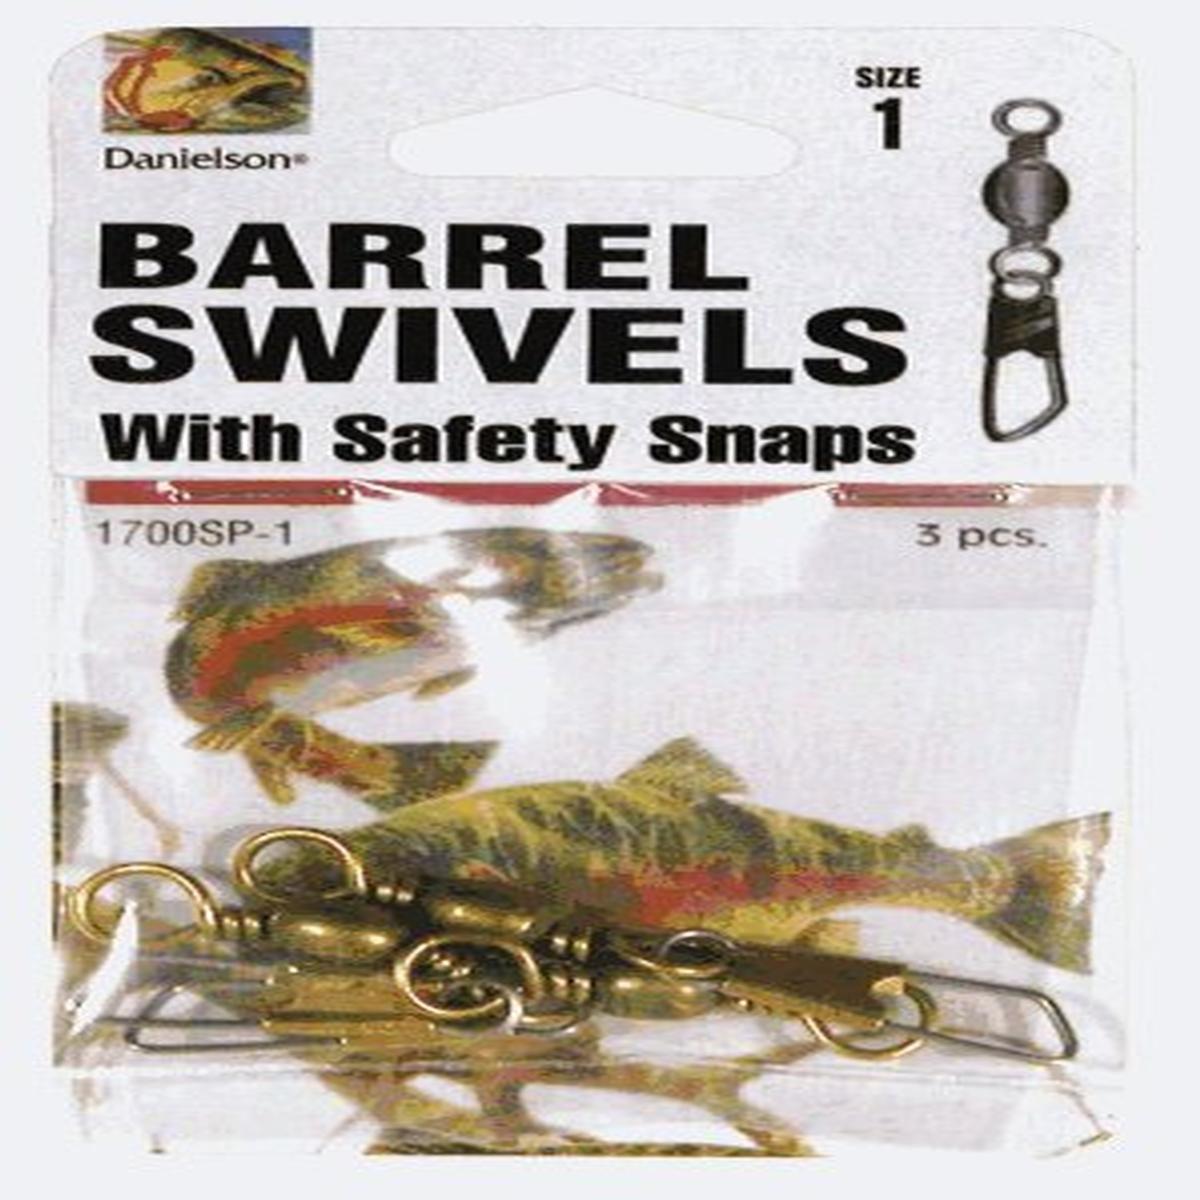 ダニエルソンSwivelsバレルW/安全スナップS fishing-equipment   B0000AUWHR